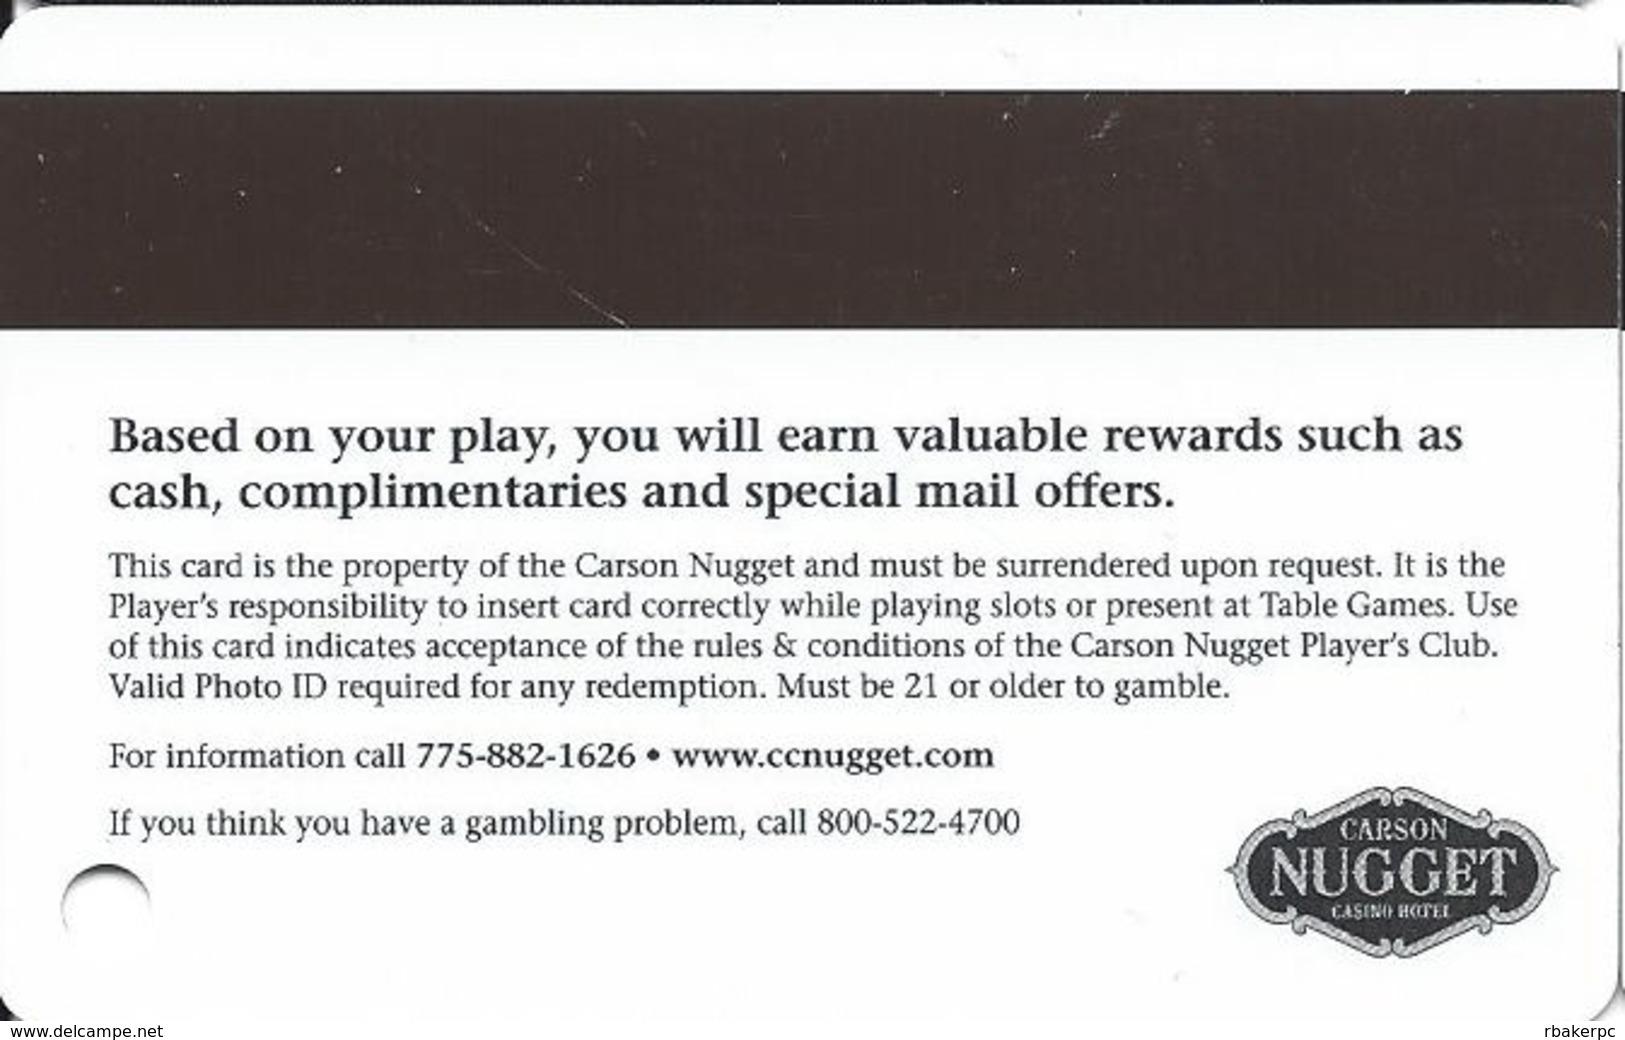 Carson Nugget Casino - Carson City, NV - Slot Card - Casino Cards